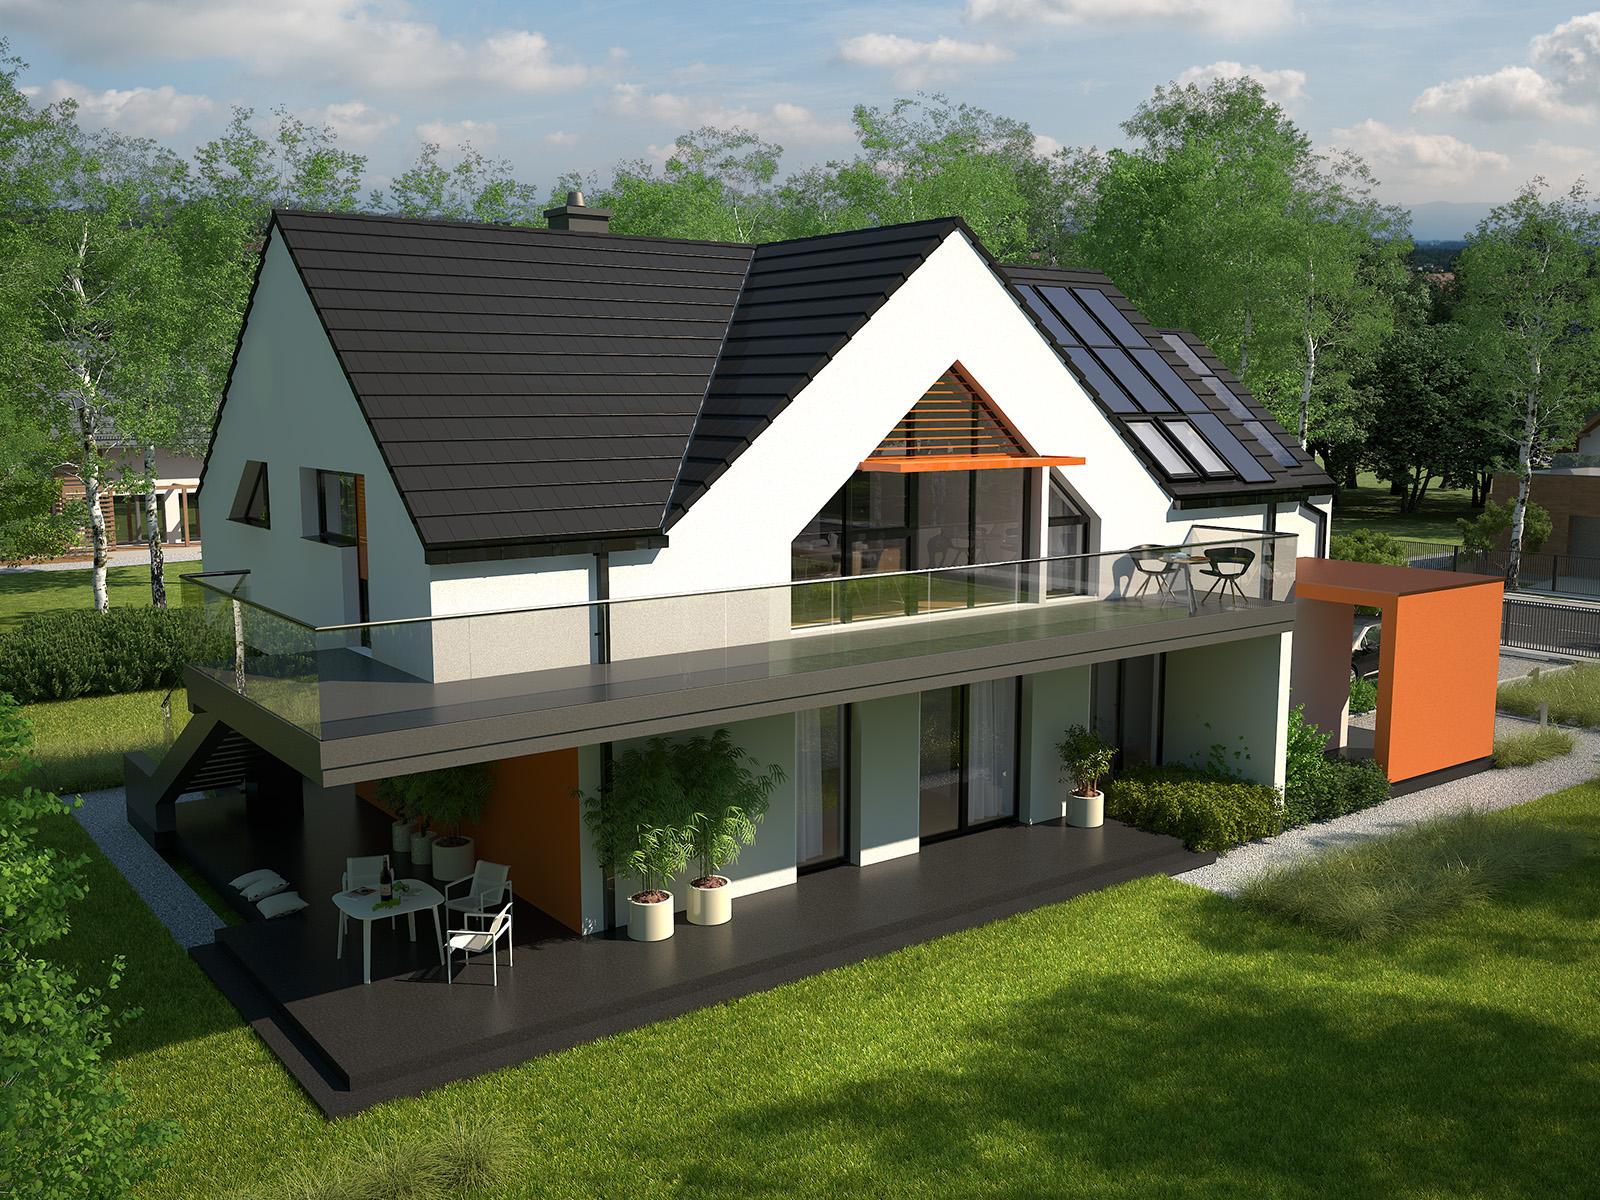 Projekt domu Z USŁUGĄ Domy Czystej Energii widok od boku i od ogrodu